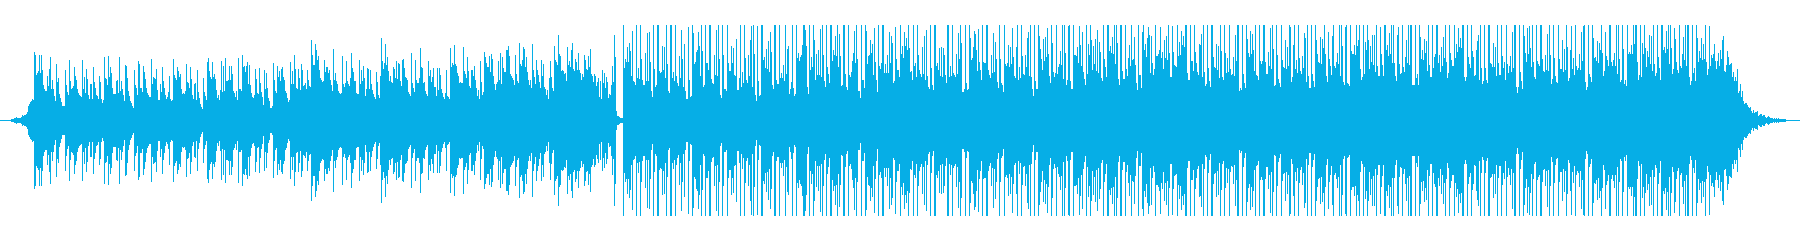 アラビア音楽の再生済みの波形